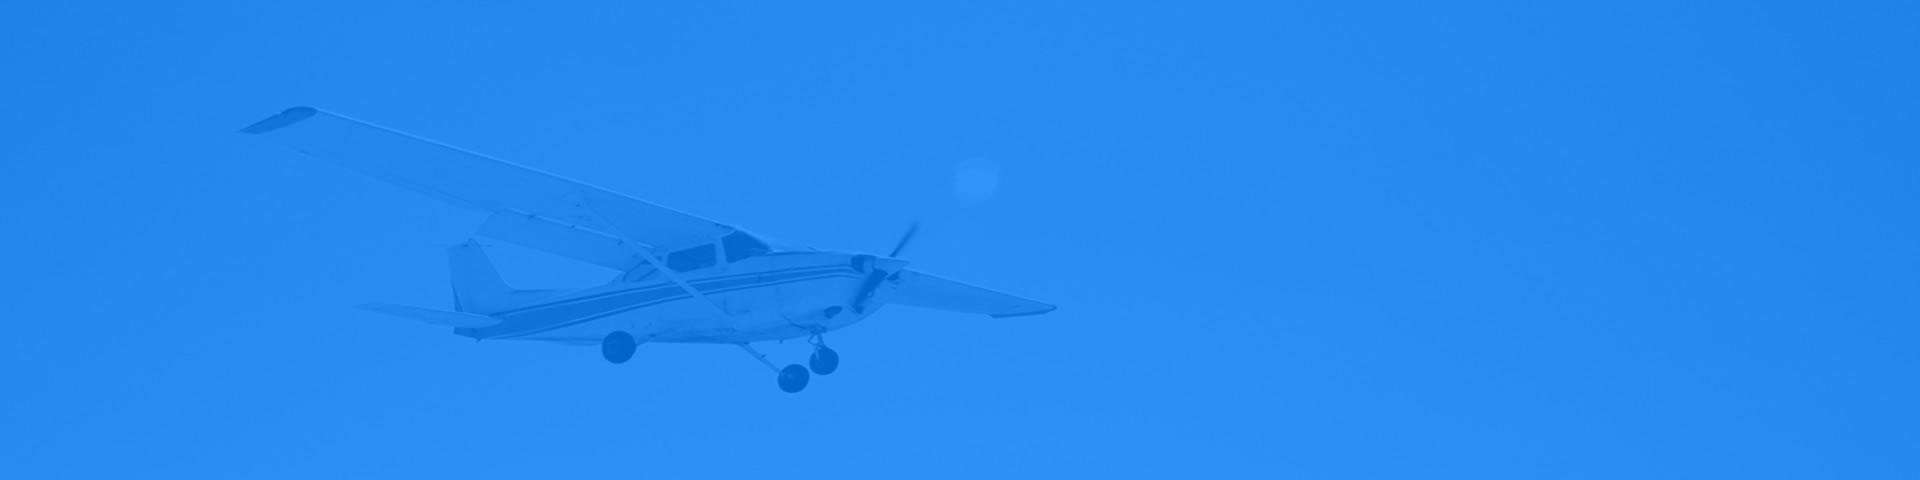 Manobras Básicas em simulador de voo